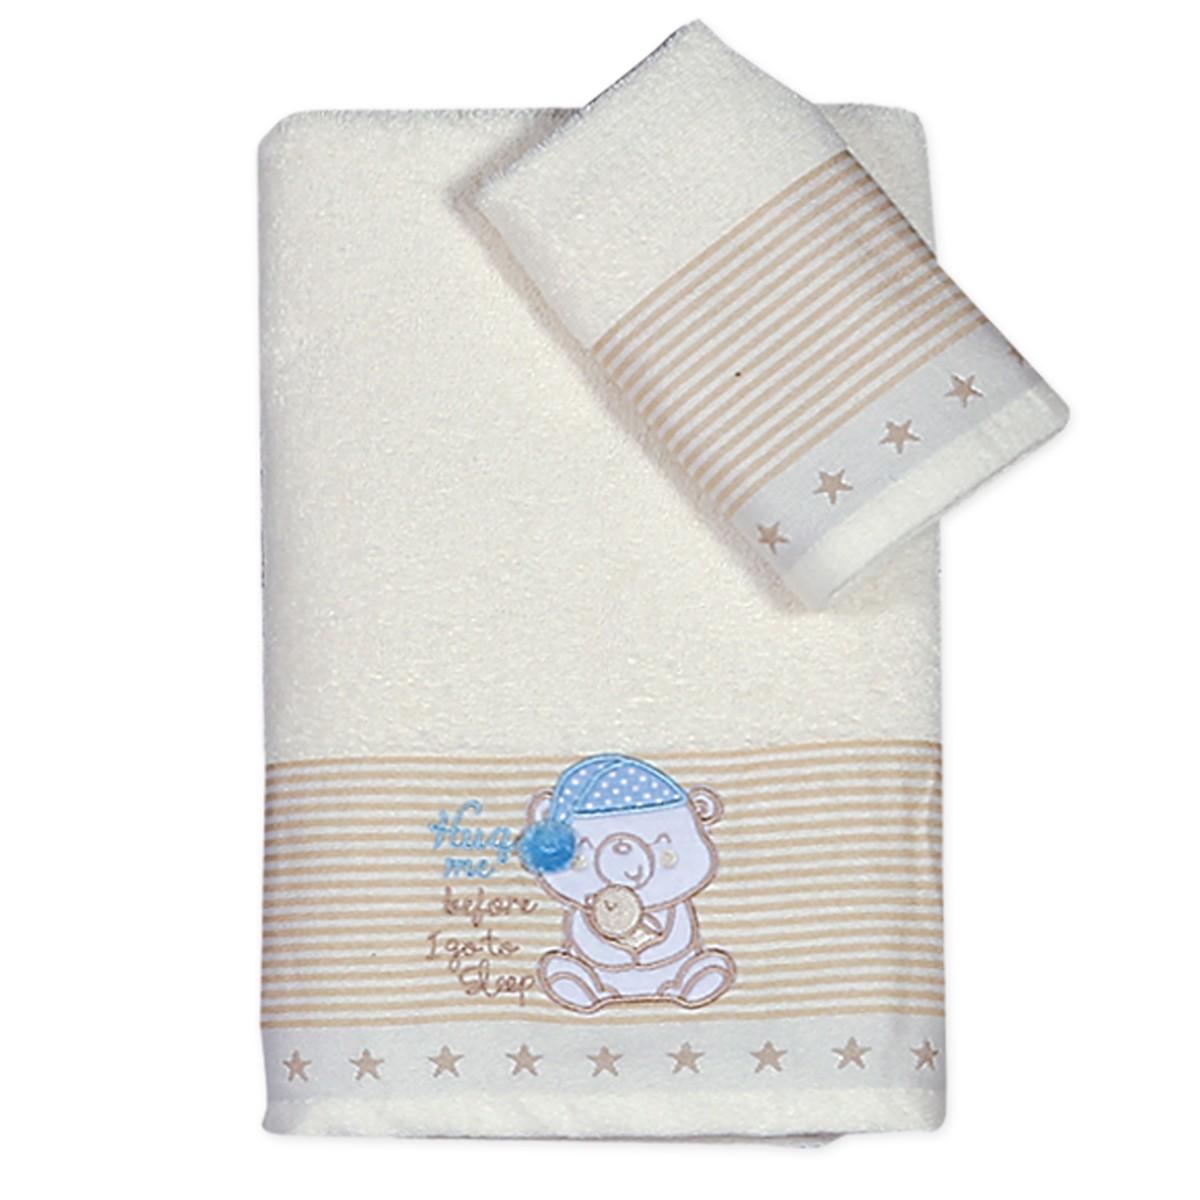 Βρεφικές Πετσέτες (Σετ 2τμχ) Nef-Nef Baby Happy Dreams